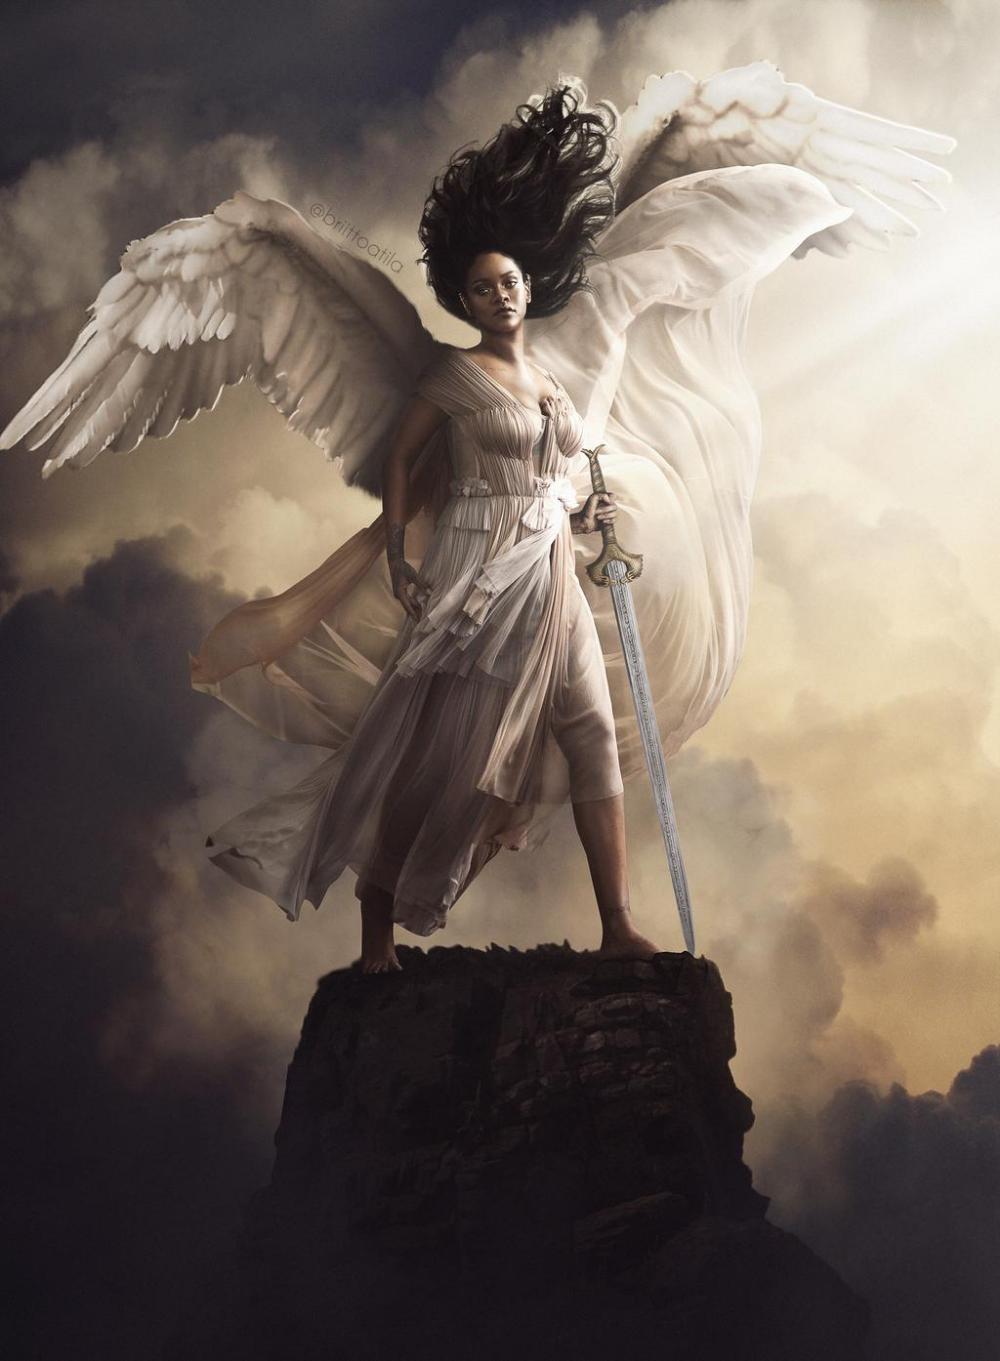 Guardian Angel By Brittoatila On Deviantart Black Women Art Female Art Guardian Angel Images